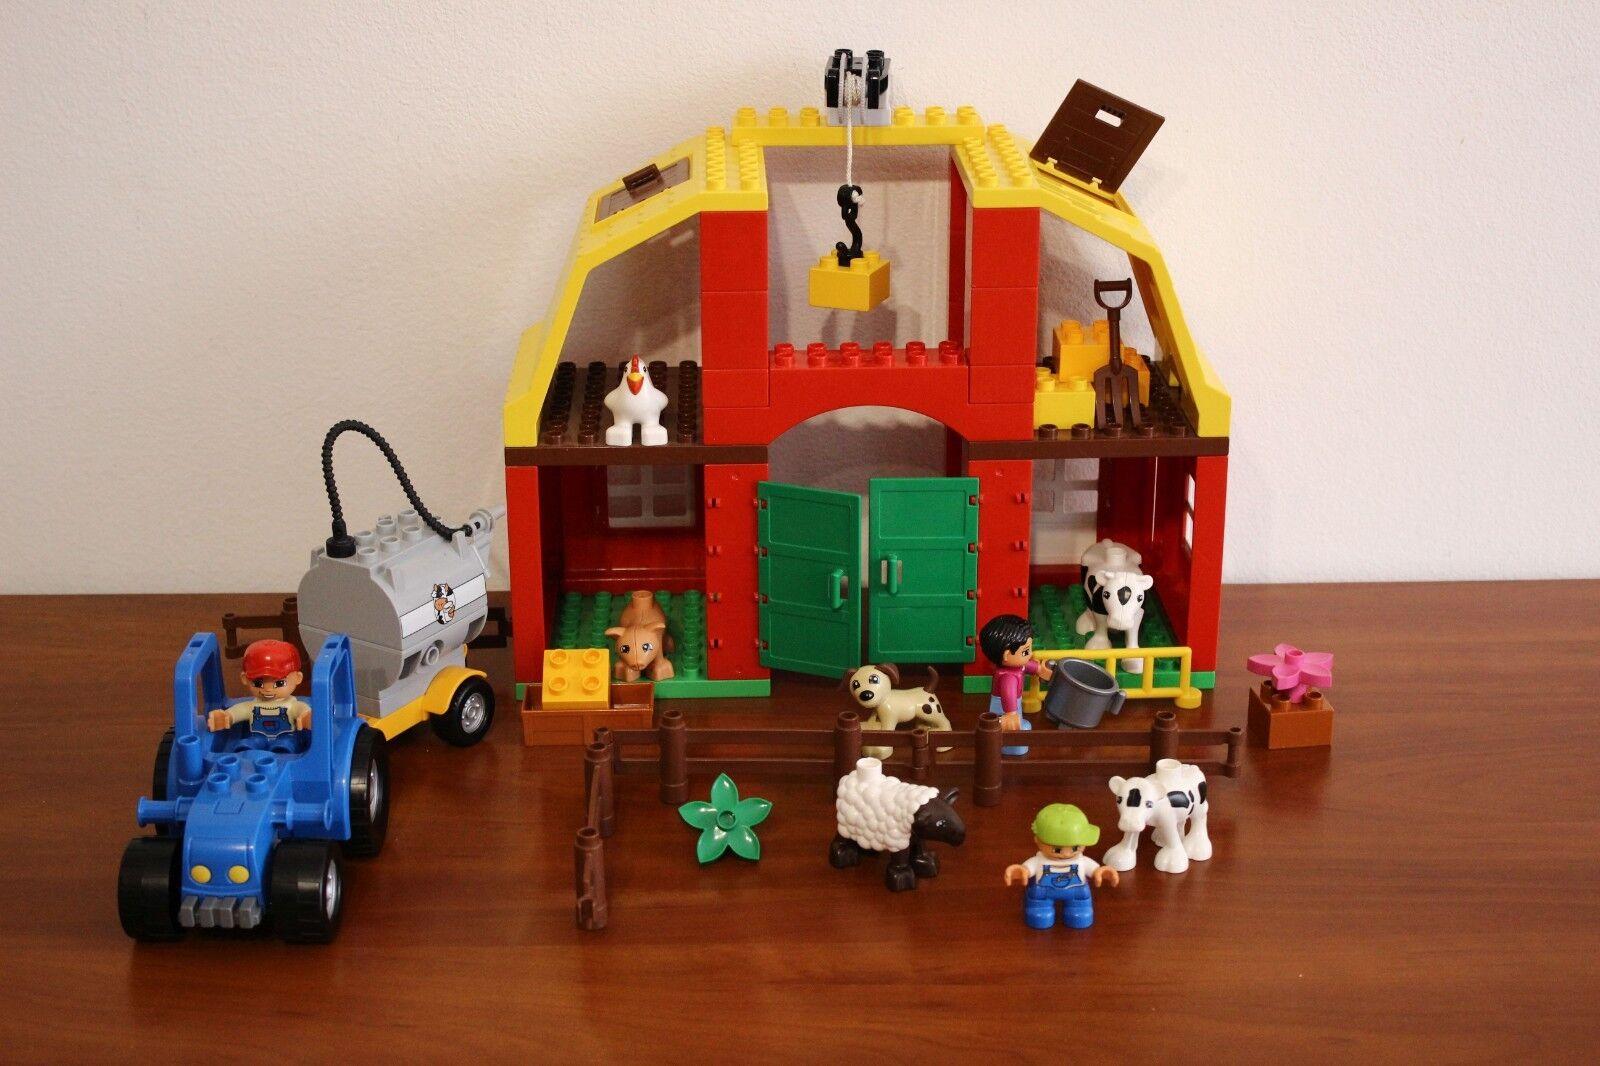 Lego Duplo Town  Farm Set 5649-1 gree Farm 100% completare  miglior prezzo migliore